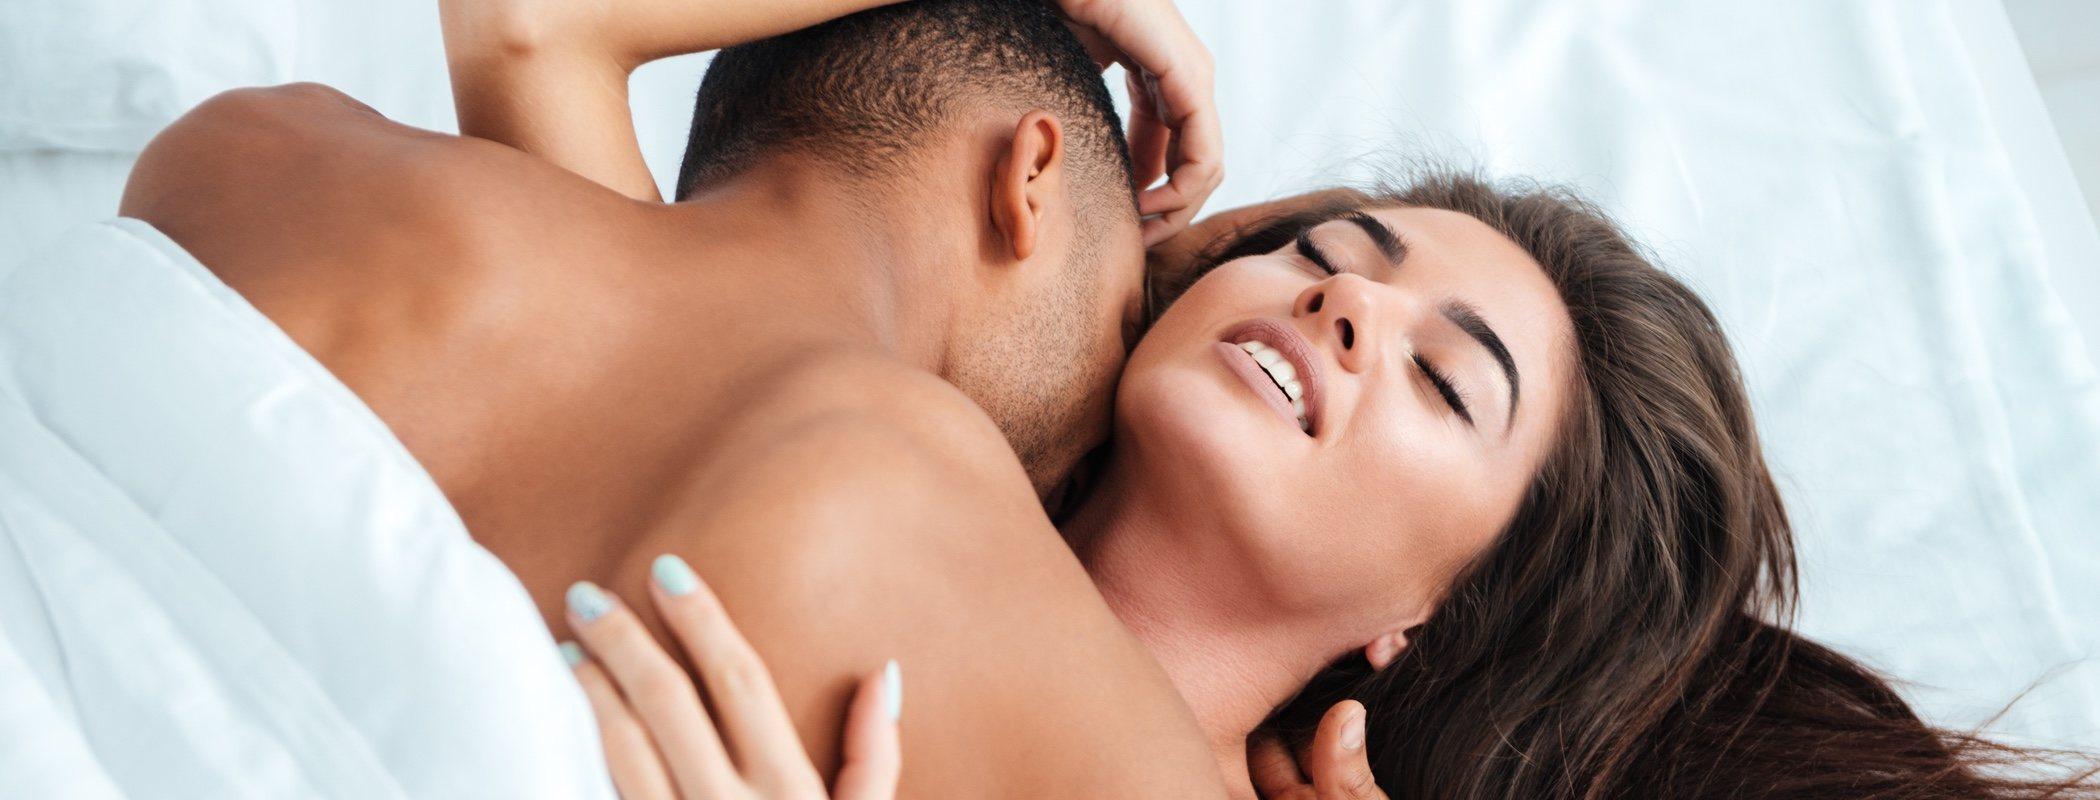 El método Ogino-Knaus, ¿puede prevenir un embarazo?